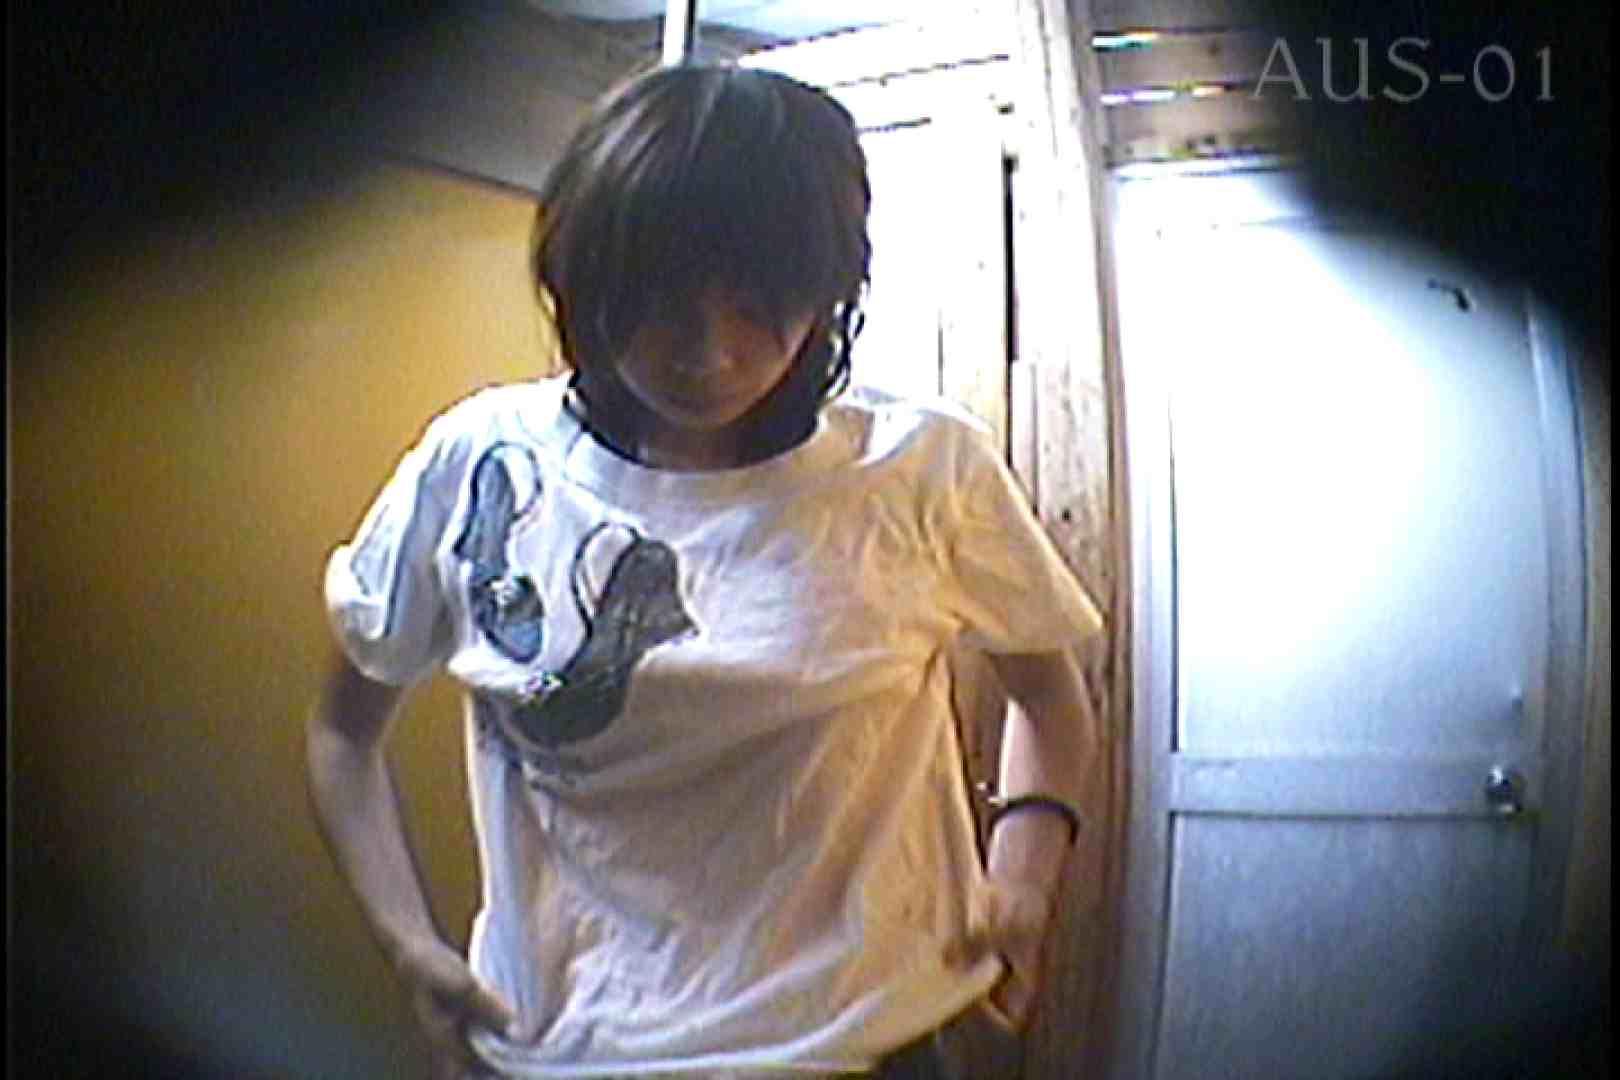 海の家の更衣室 Vol.01 美女 アダルト動画キャプチャ 104枚 101